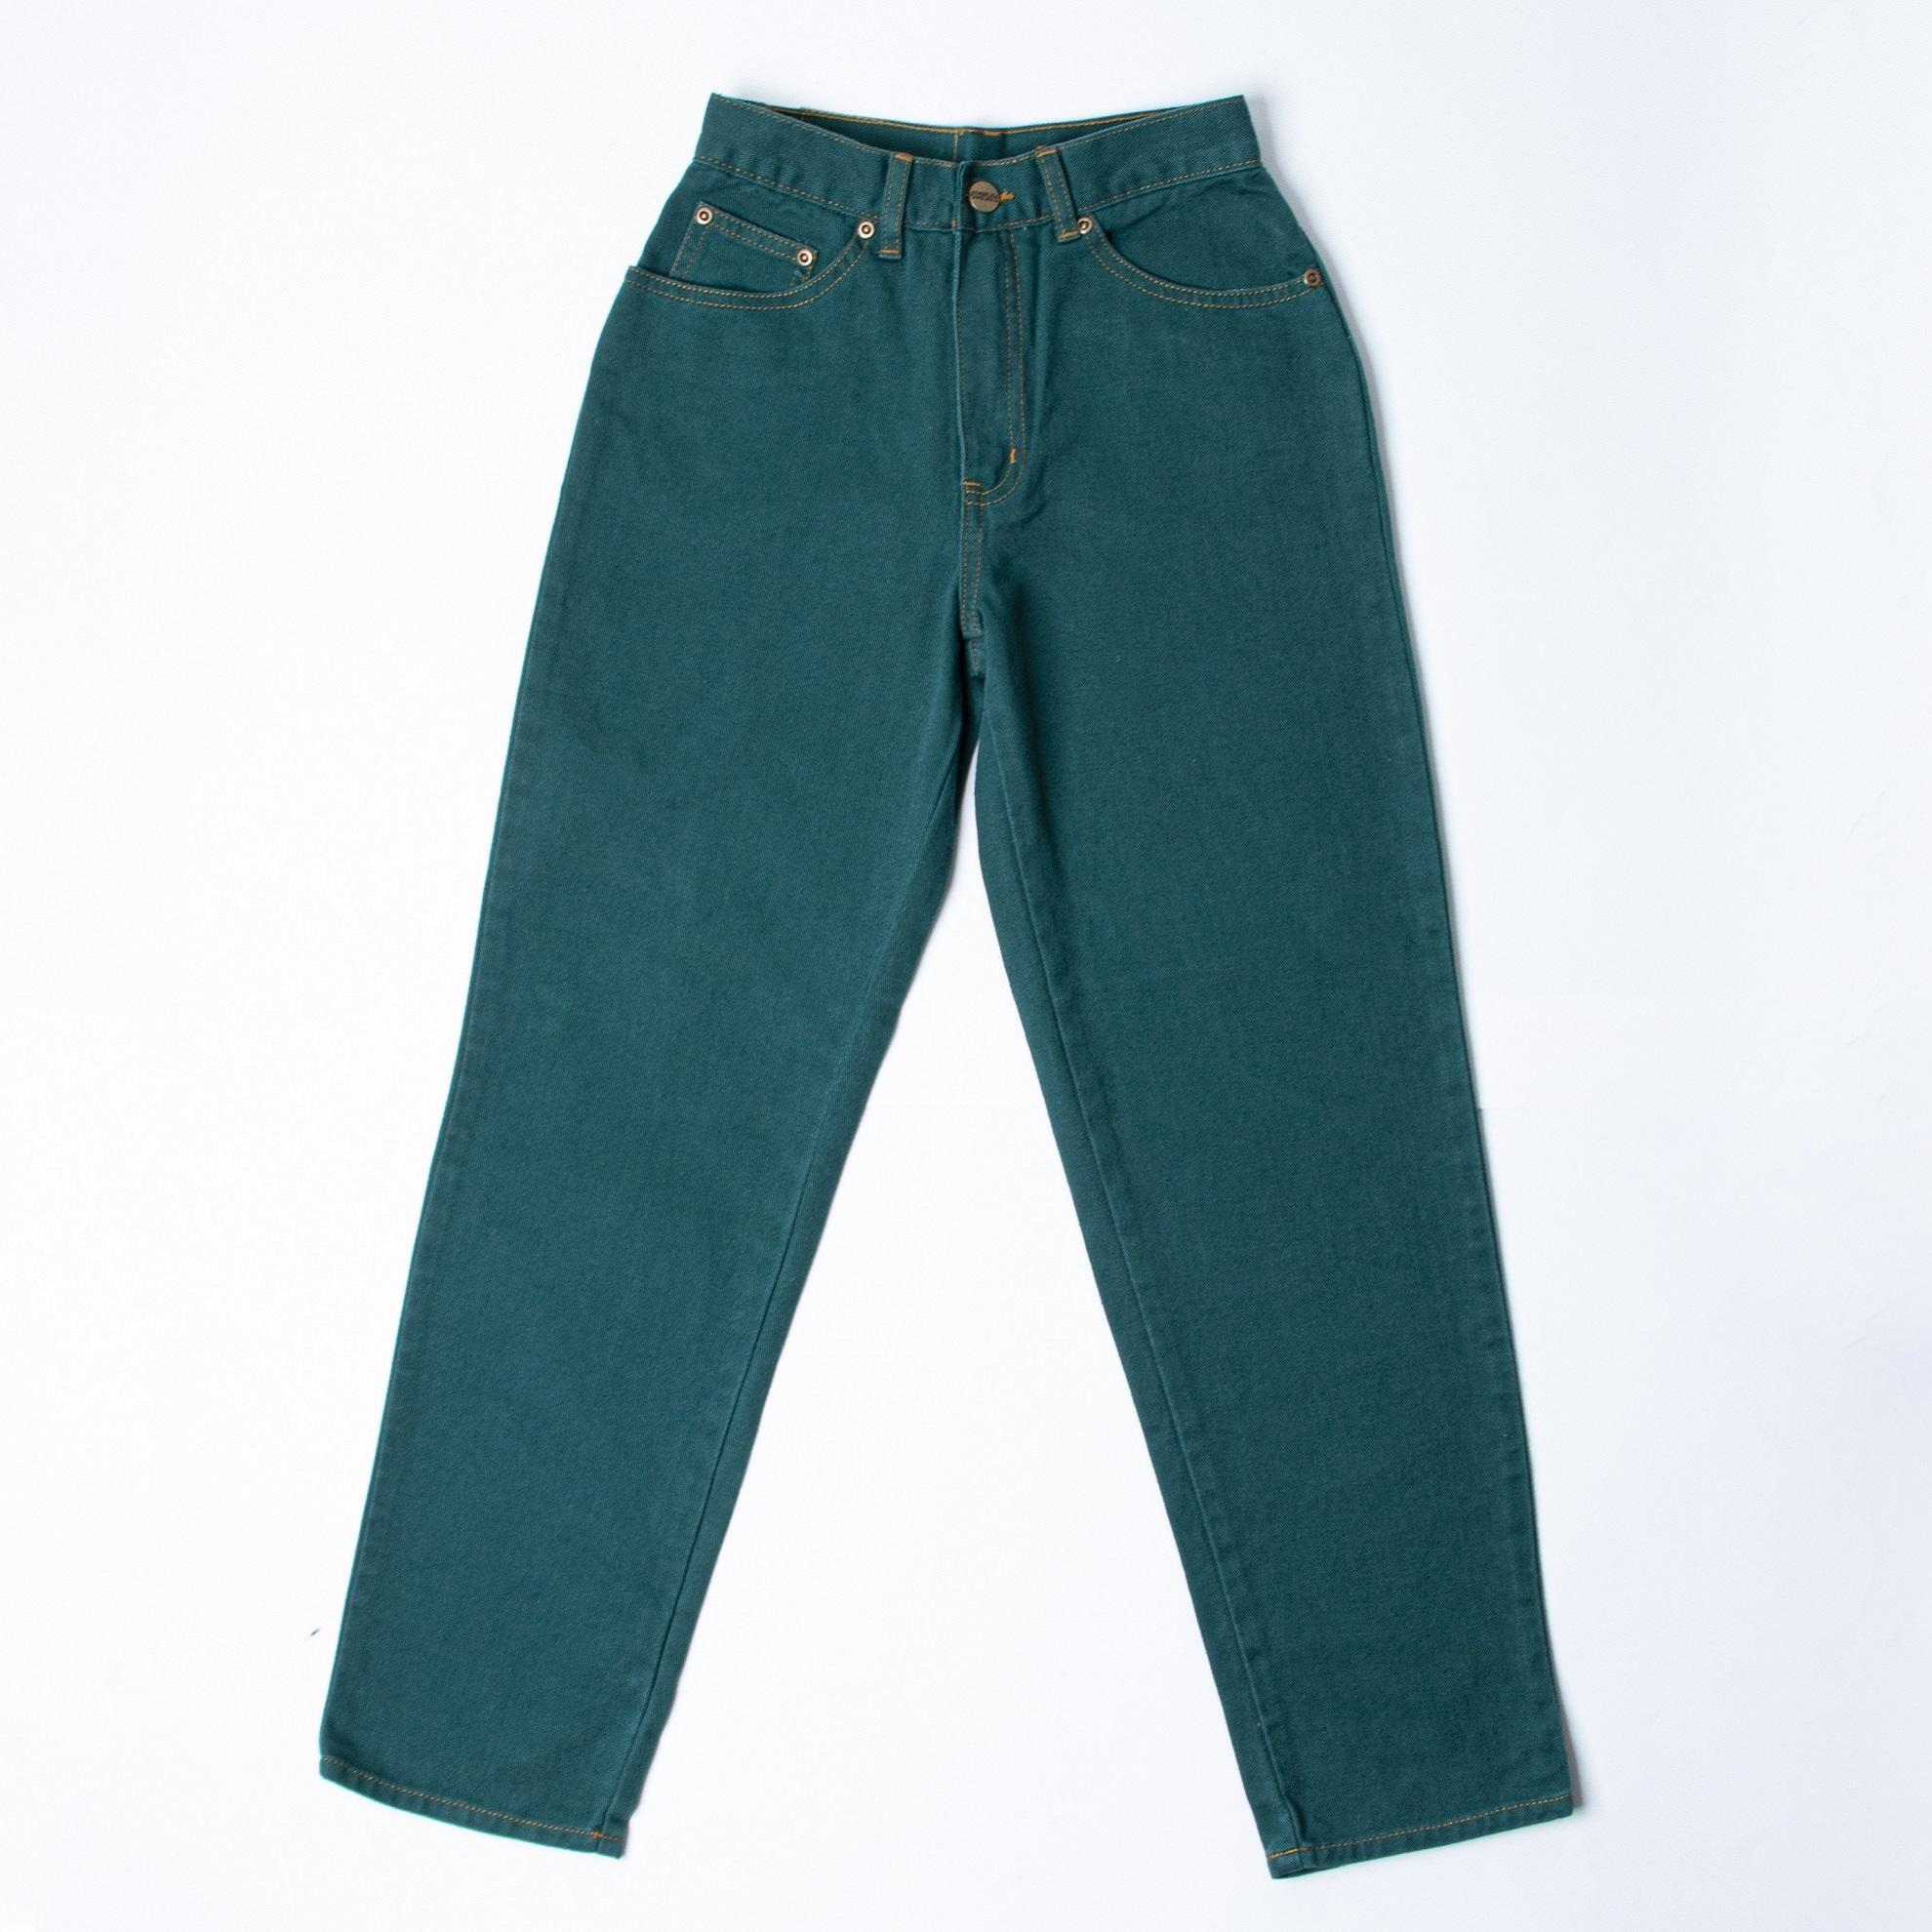 شلوار جین بچگانه مدل مام استایل رنگ سبز